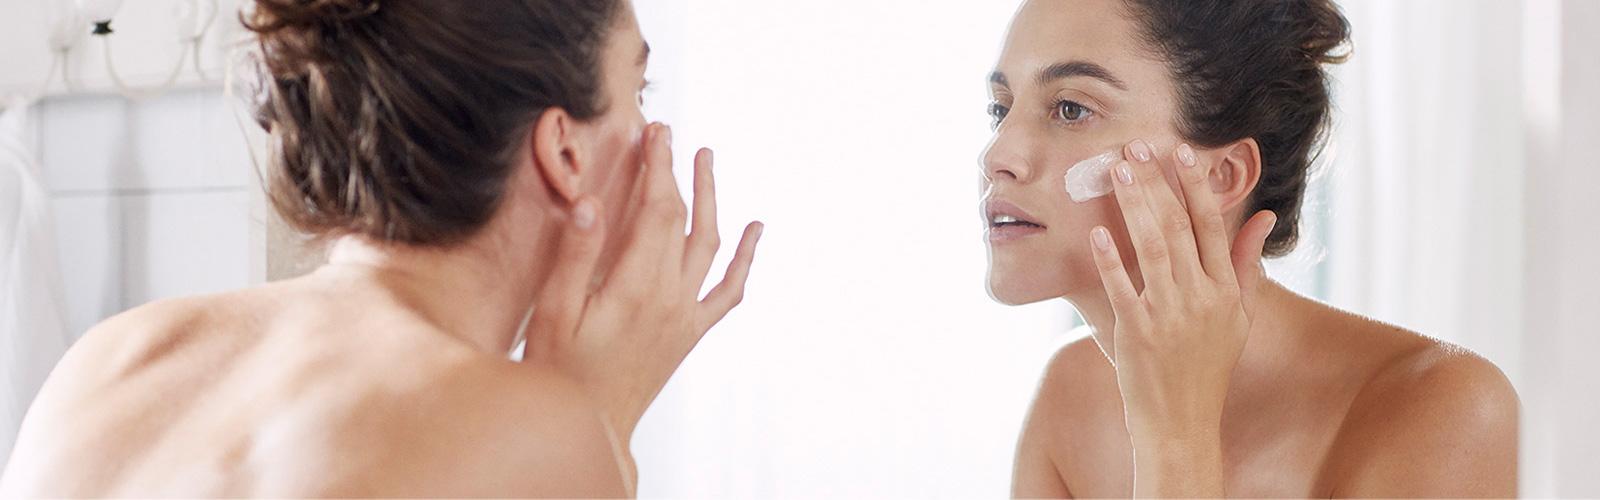 Femme qui s'hydrate le visage